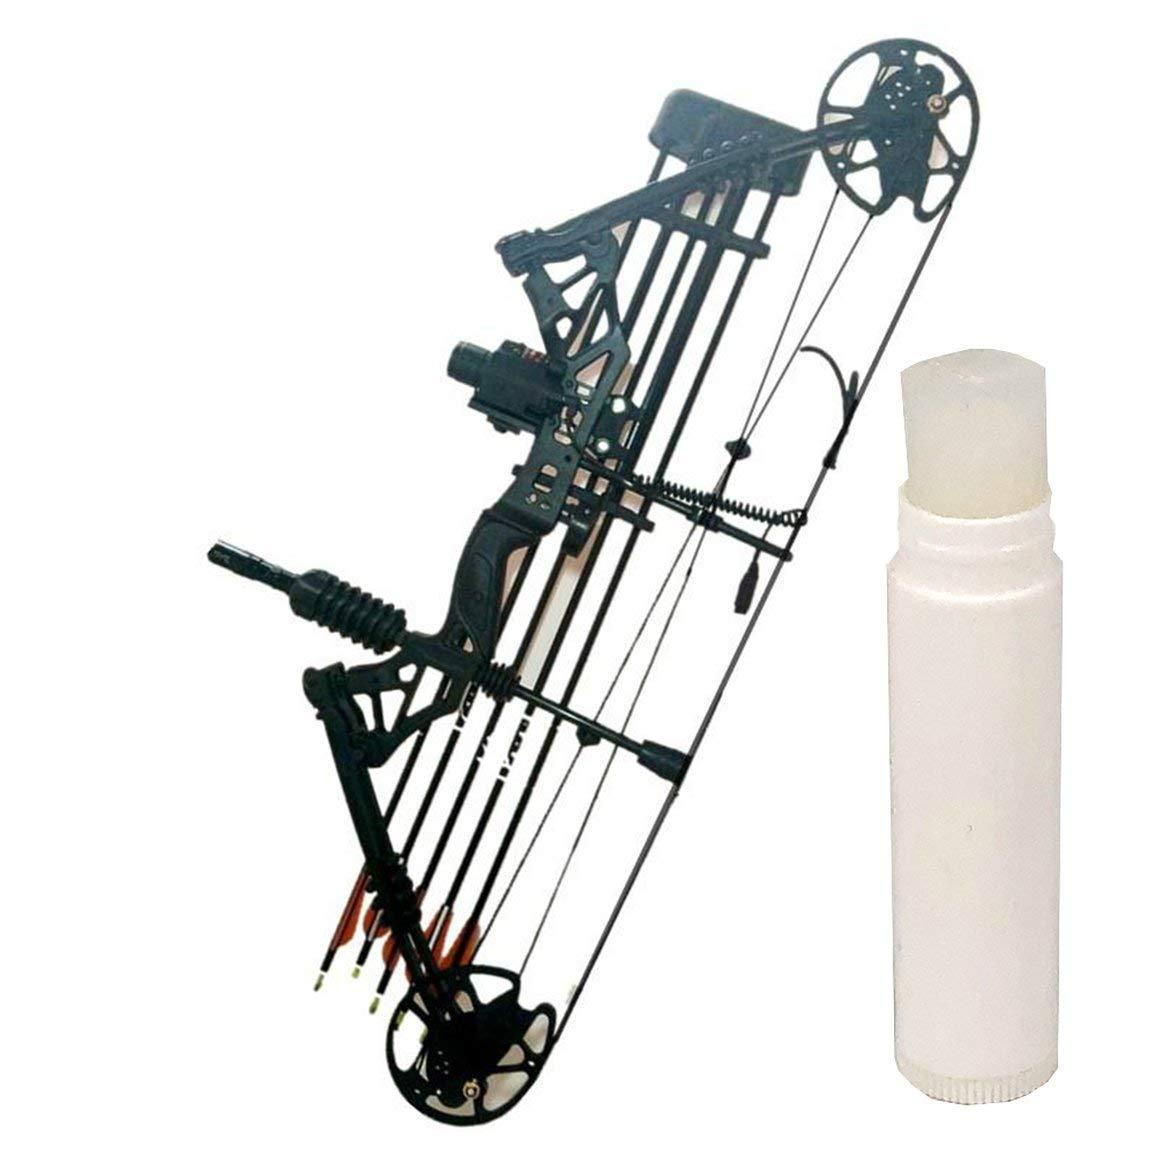 10g Tiro con arco Arco Cuerda Cera Mantenimiento Cera Proteger Cuerda de cera Cera para ballesta Arco recurvo compuesto para aumentar la durabilidad Blanco